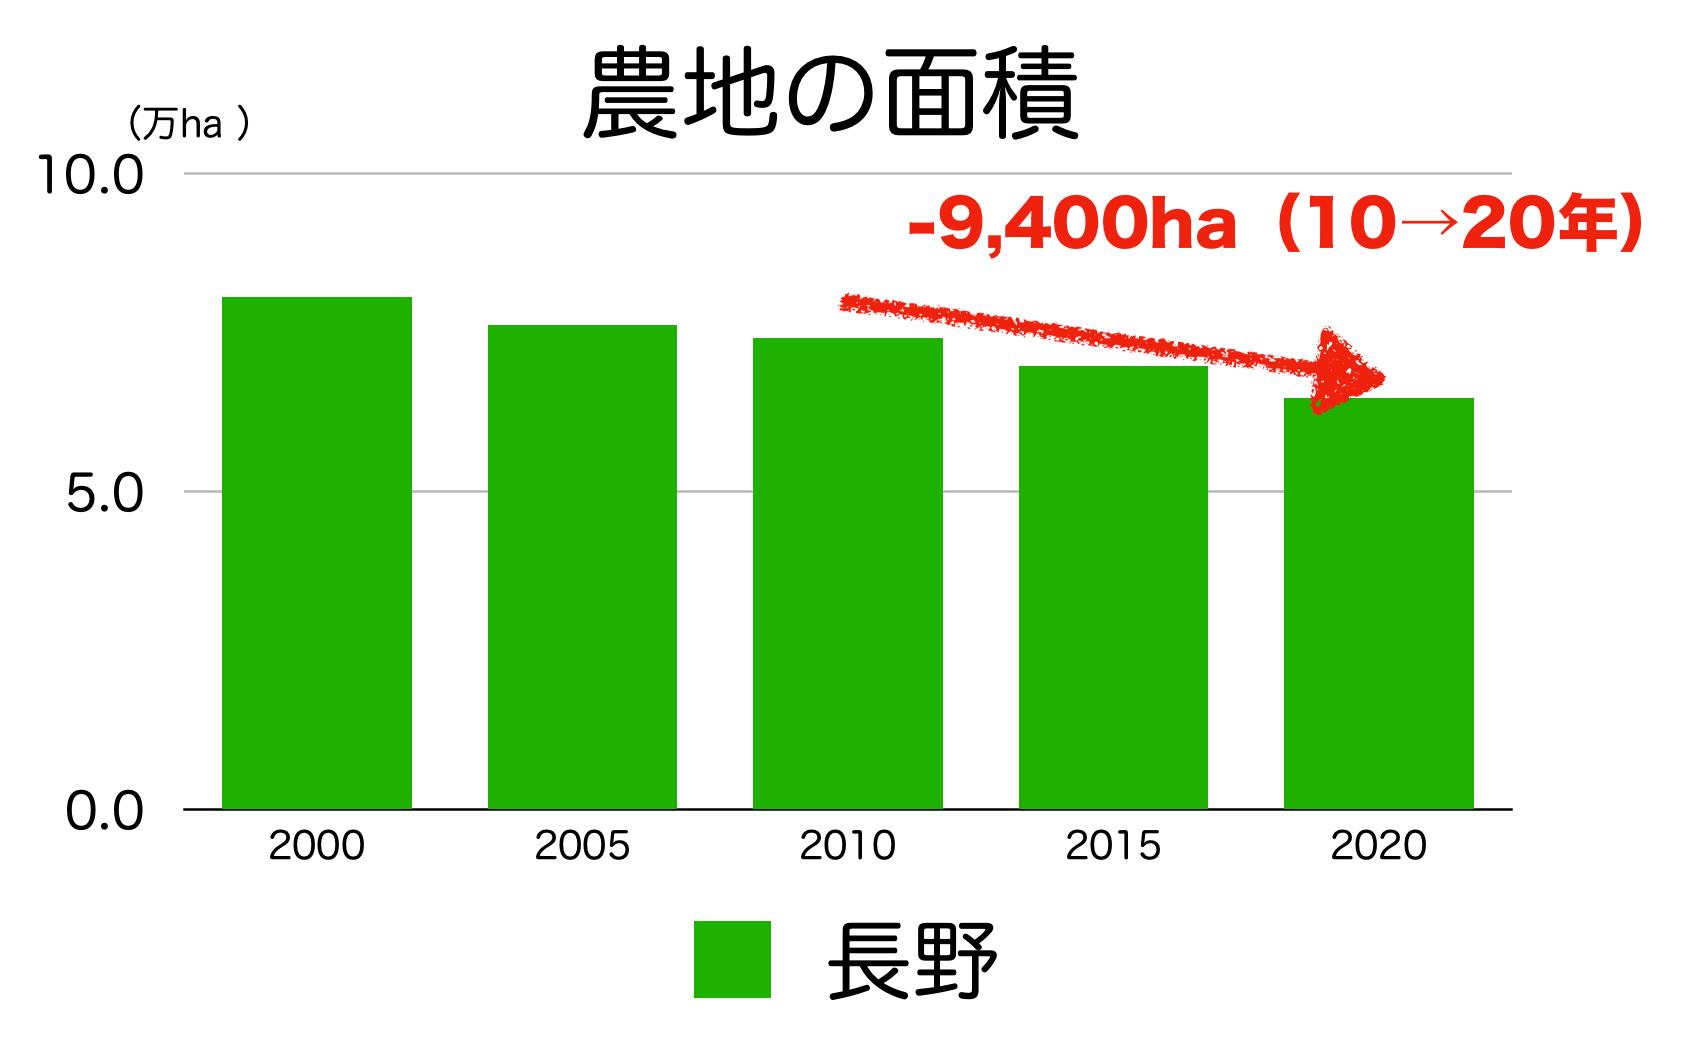 長野県の農地面積